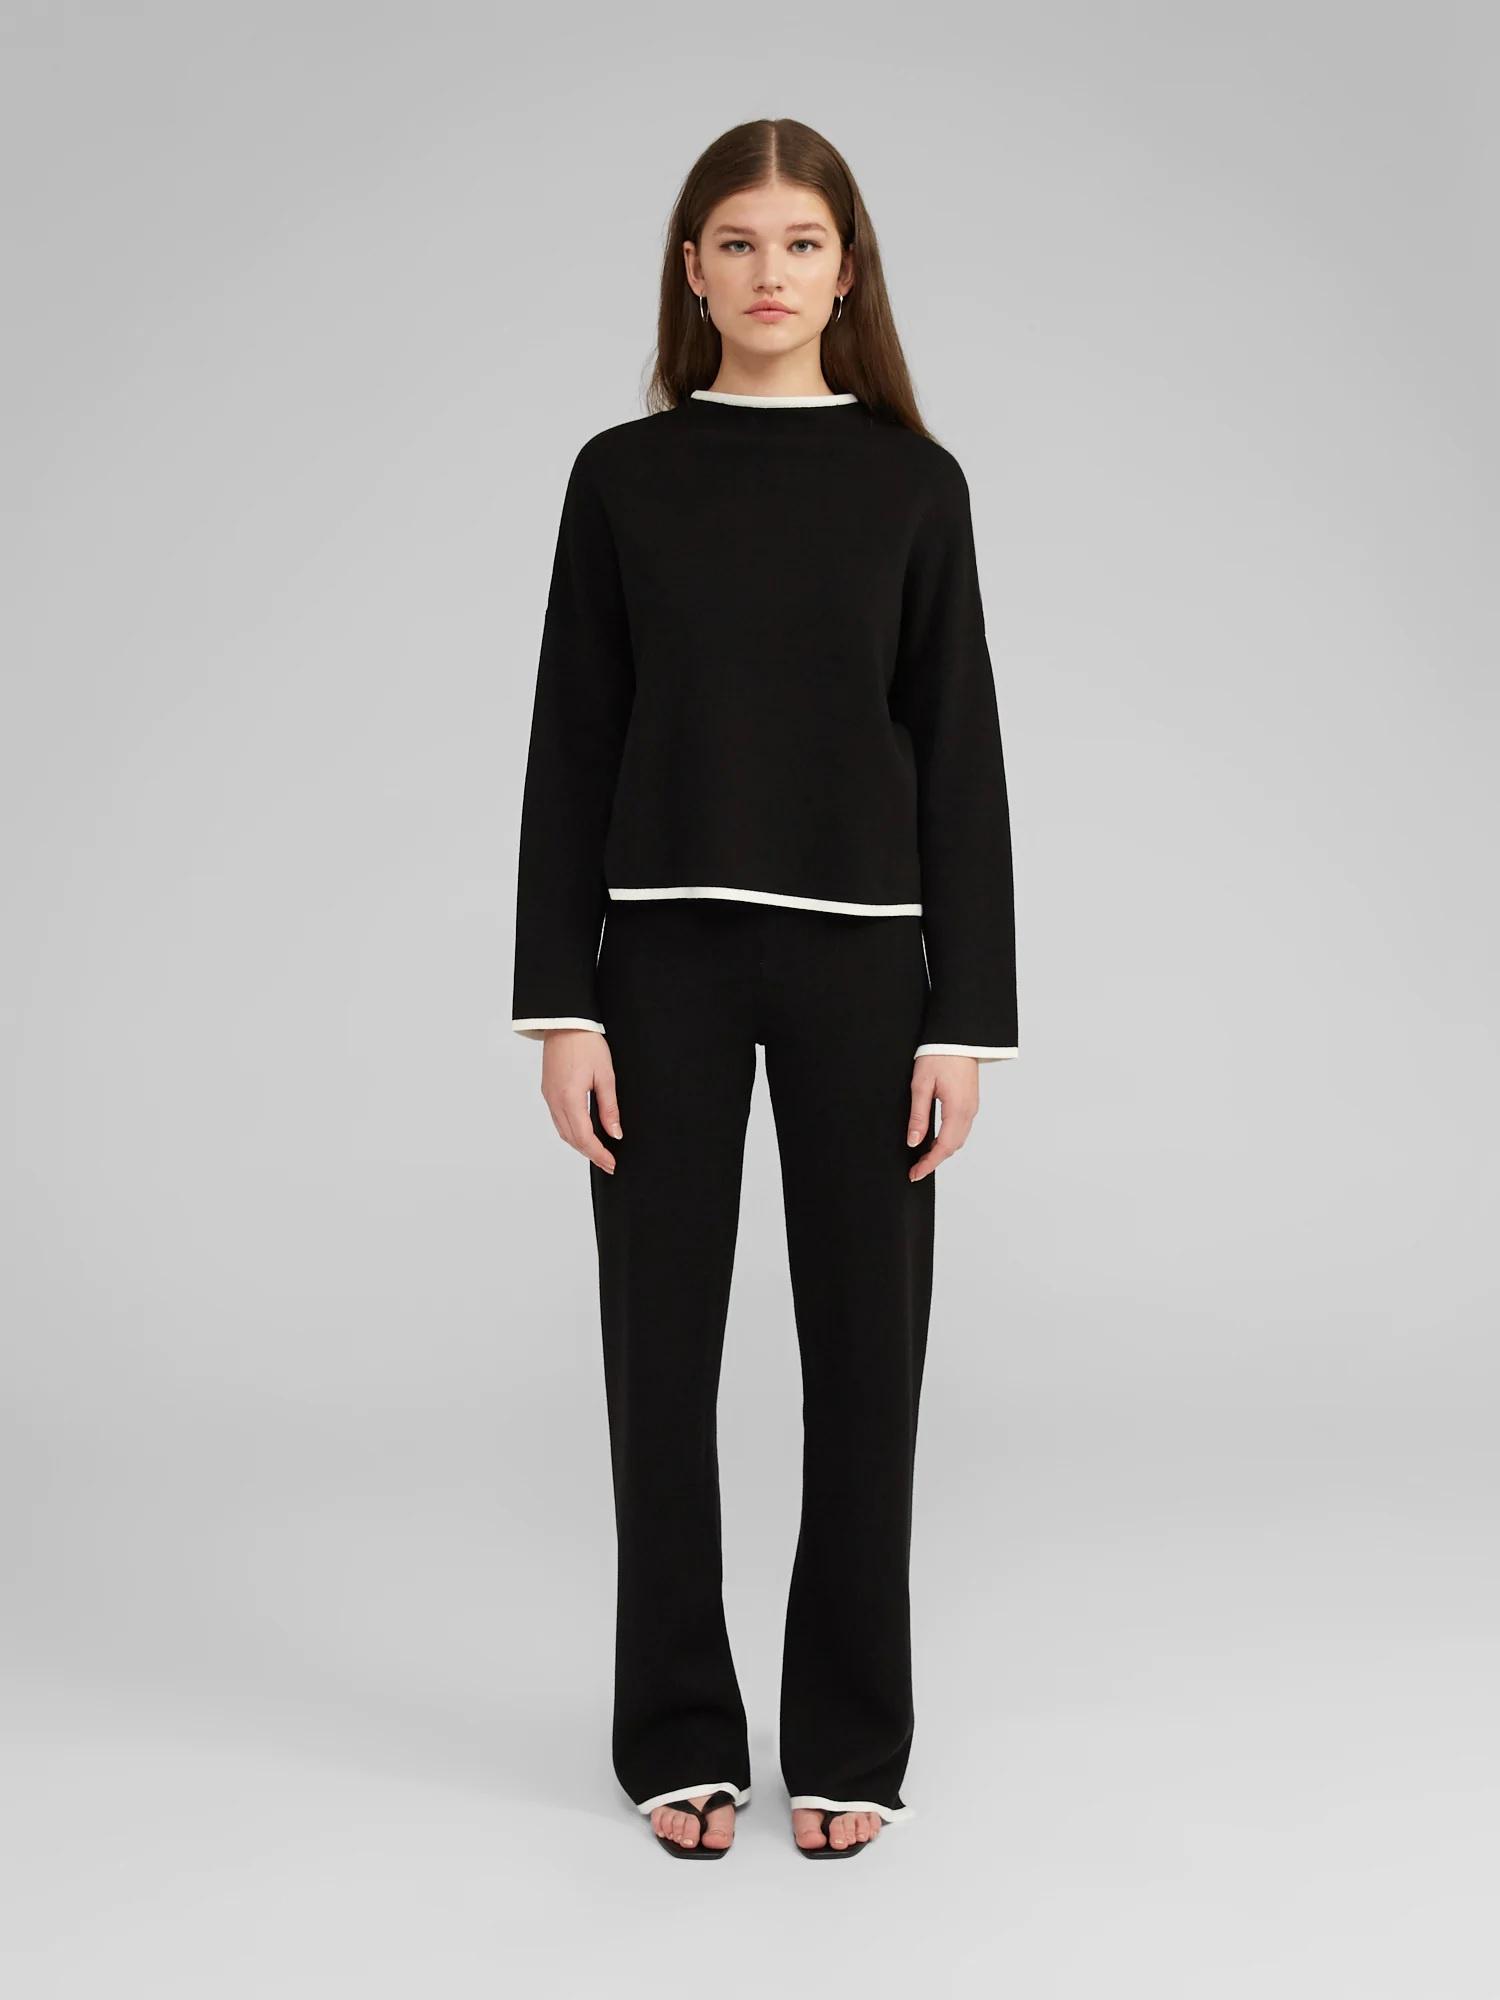 Broek Maxima knit Black-3